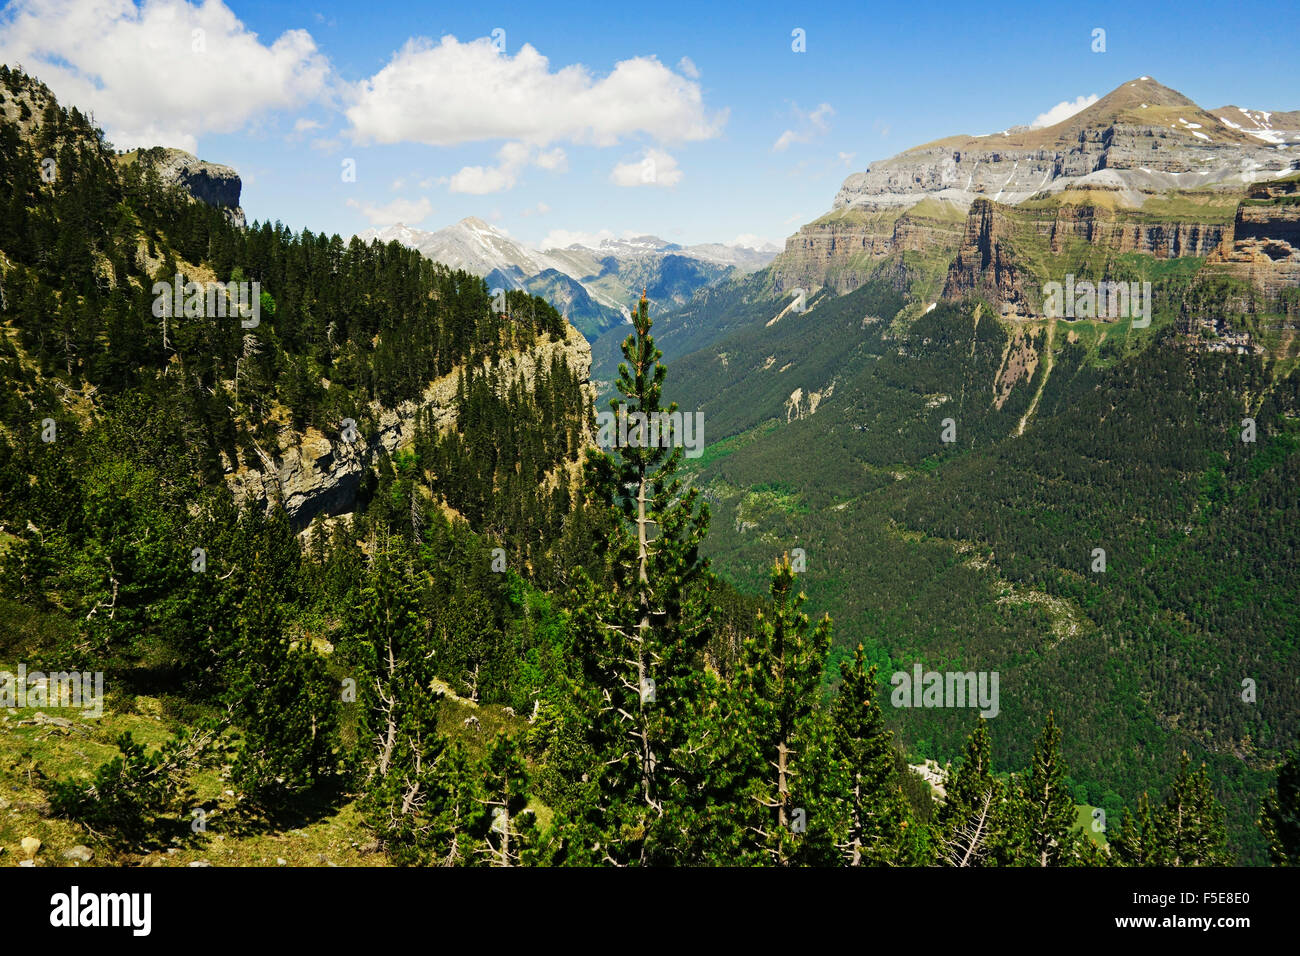 Valle de Ordesa, Parque Nacional de Ordesa, Central Pyrenees, Aragon, Spain, Europe - Stock Image